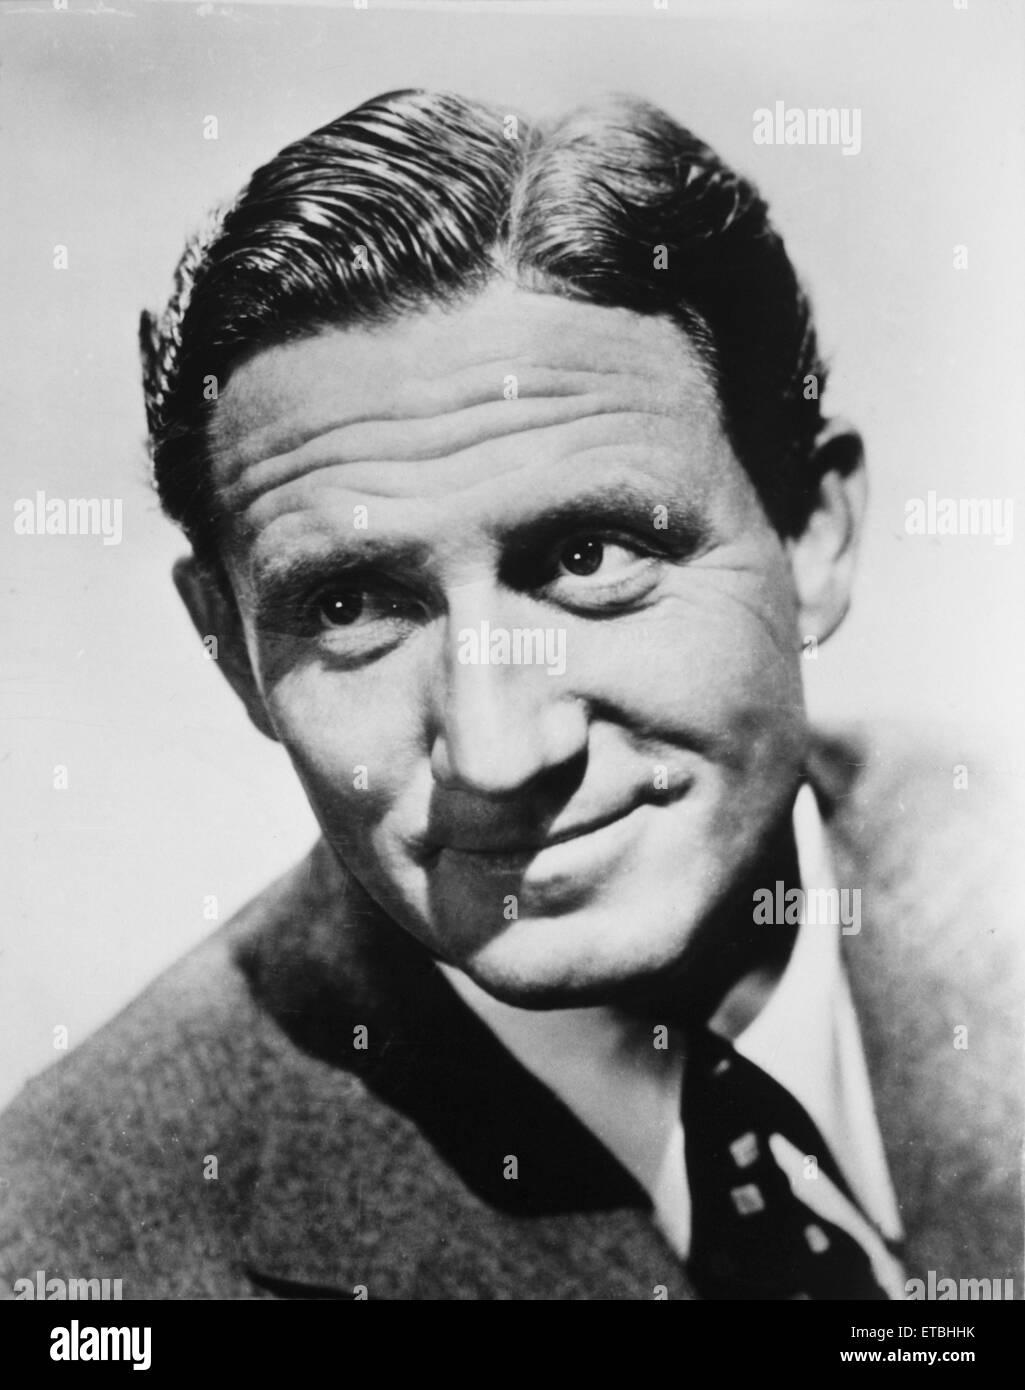 L'attore Spencer Tracy, pubblicità ritratto, circa 1940 Immagini Stock